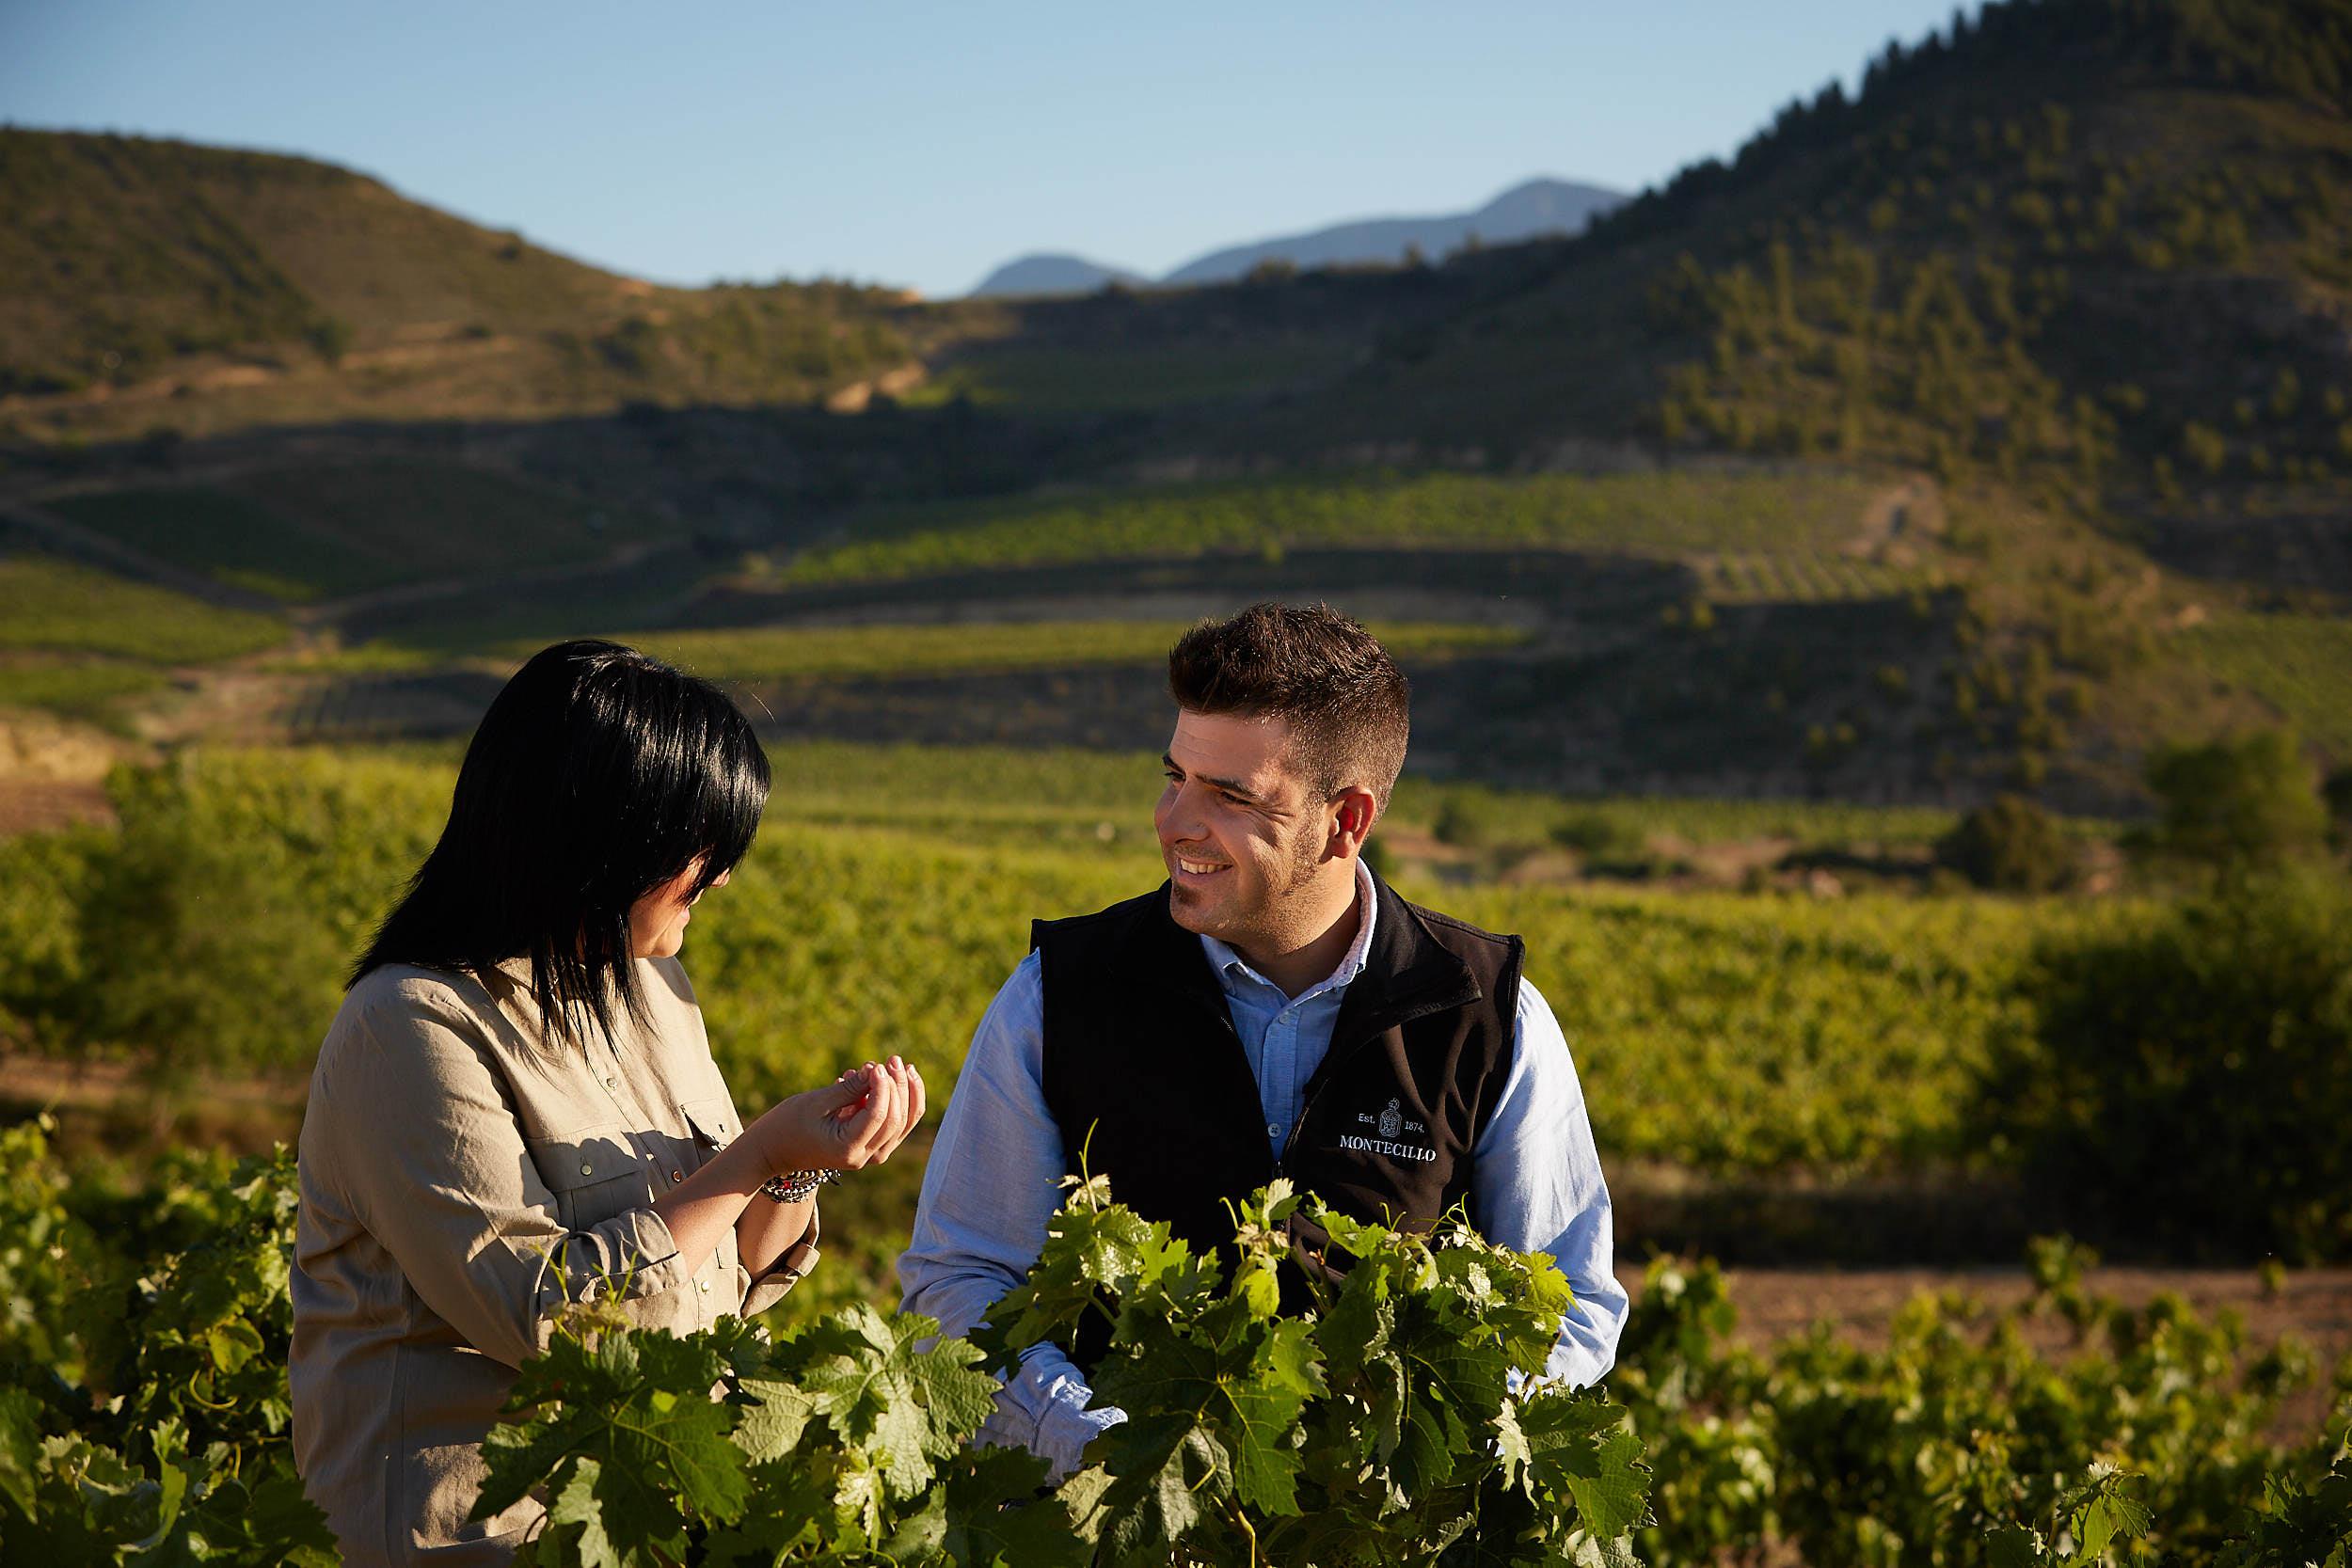 1706Montecillo_Winery_La_Rioja_Spain_Sturcke_0005.jpg